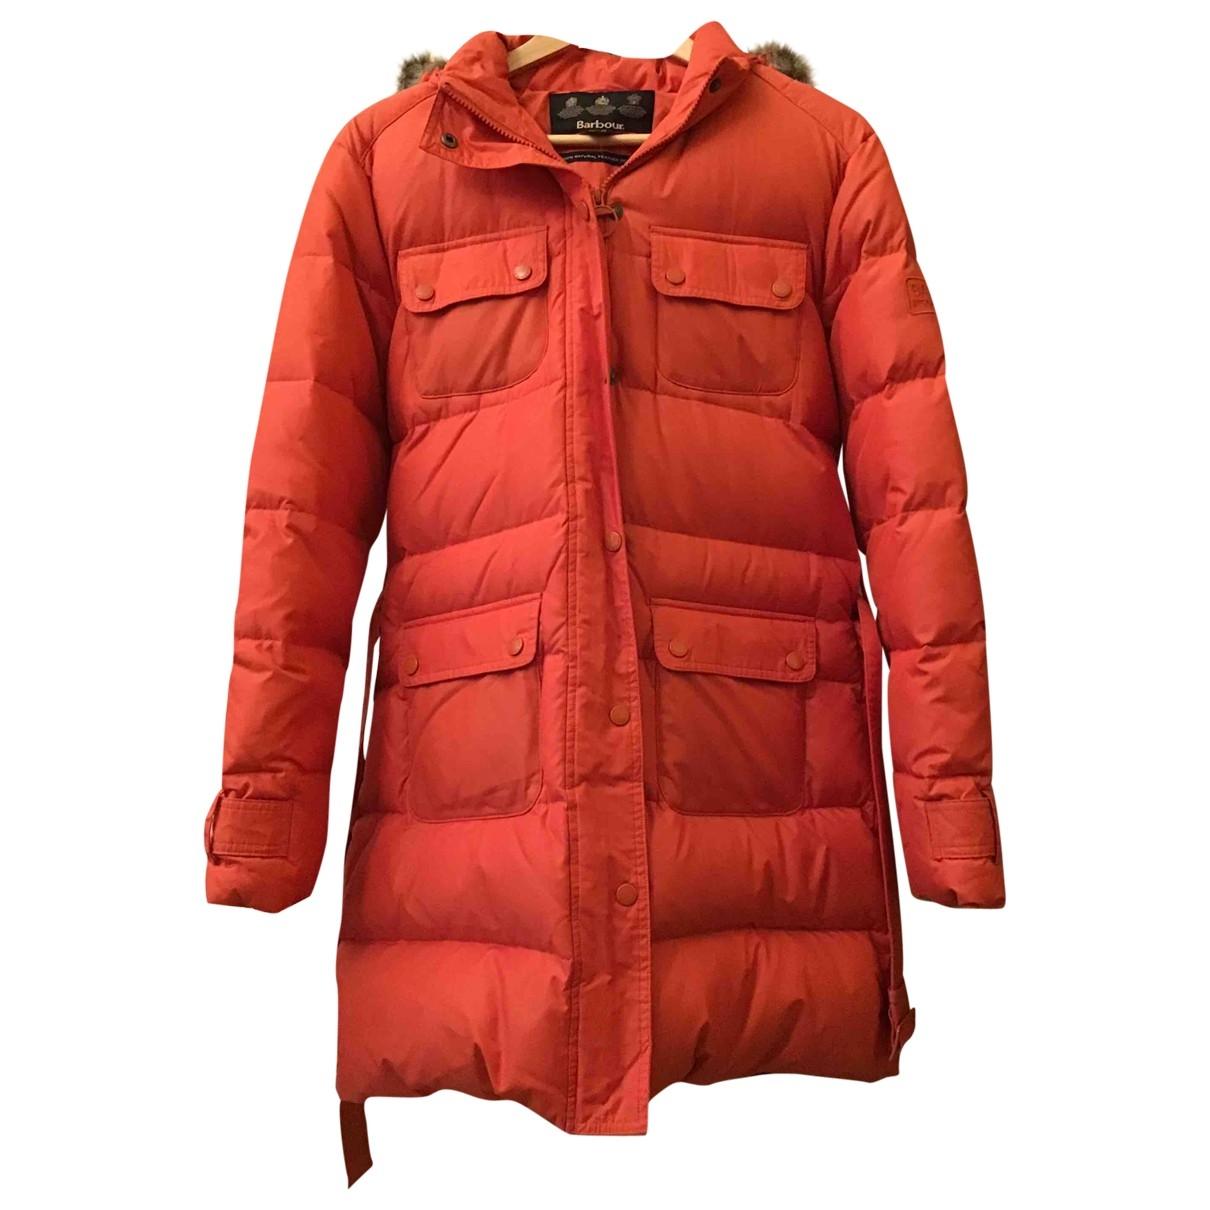 Barbour - Manteau   pour femme - orange